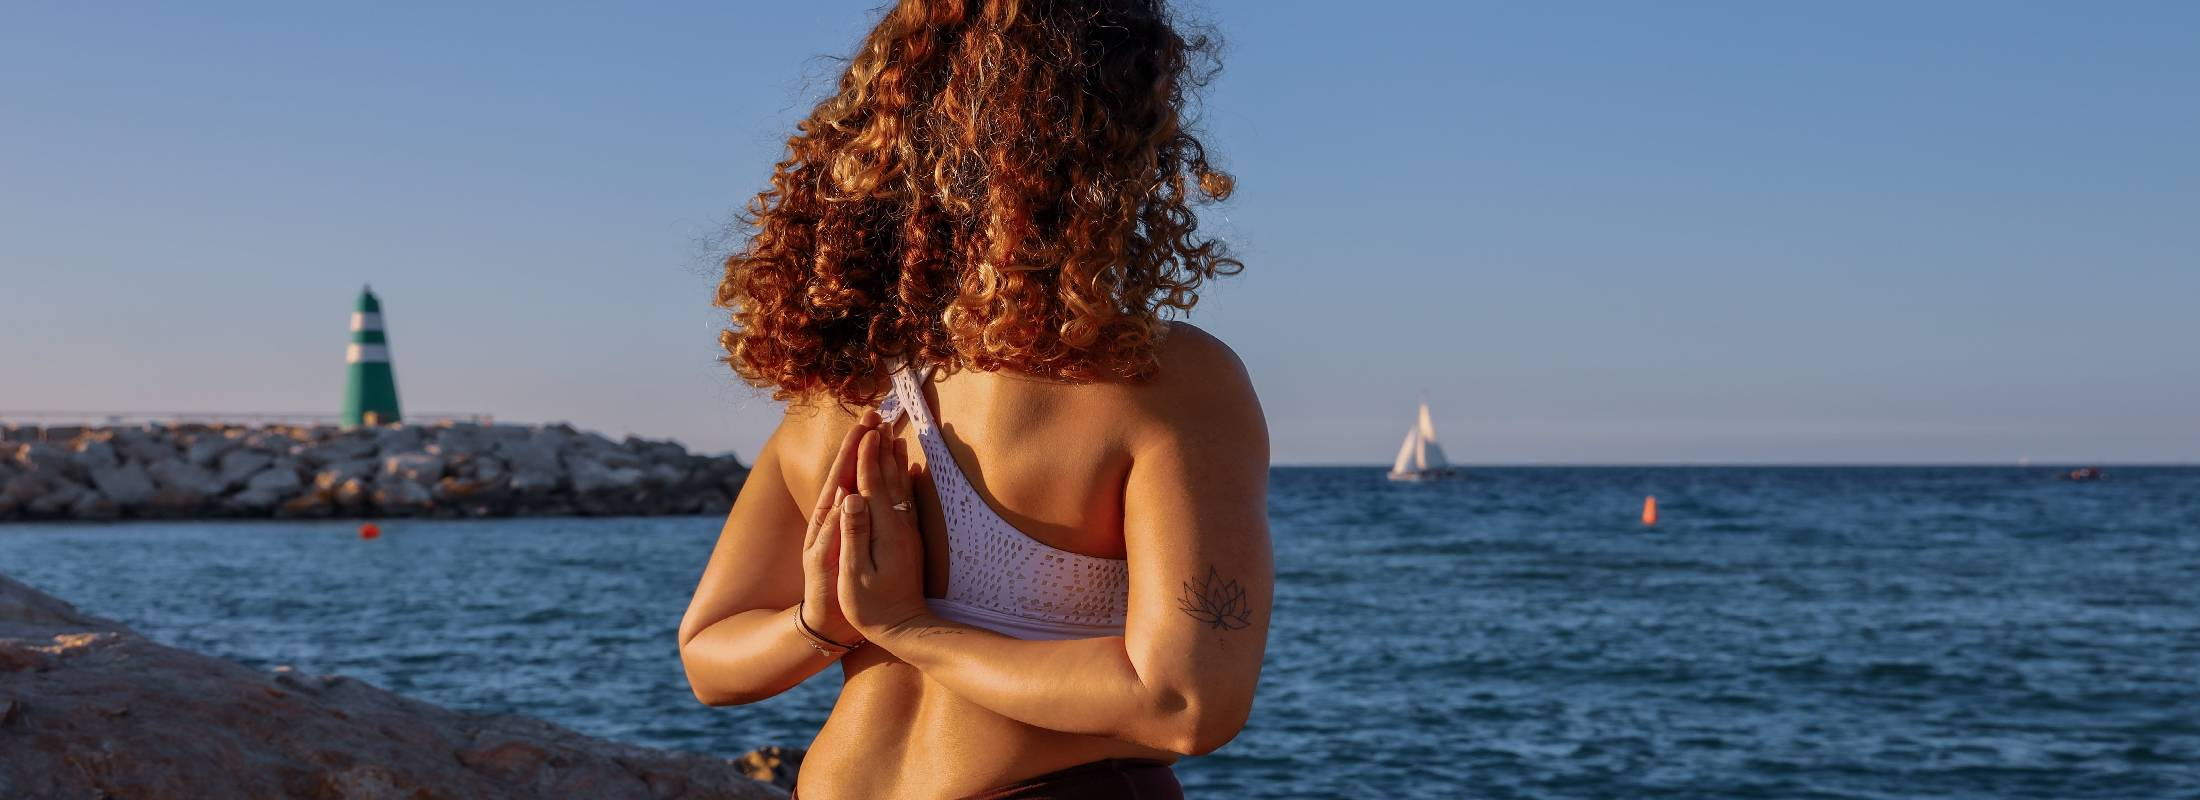 Yoga en Asturias, ayuda a limpiar tu interior